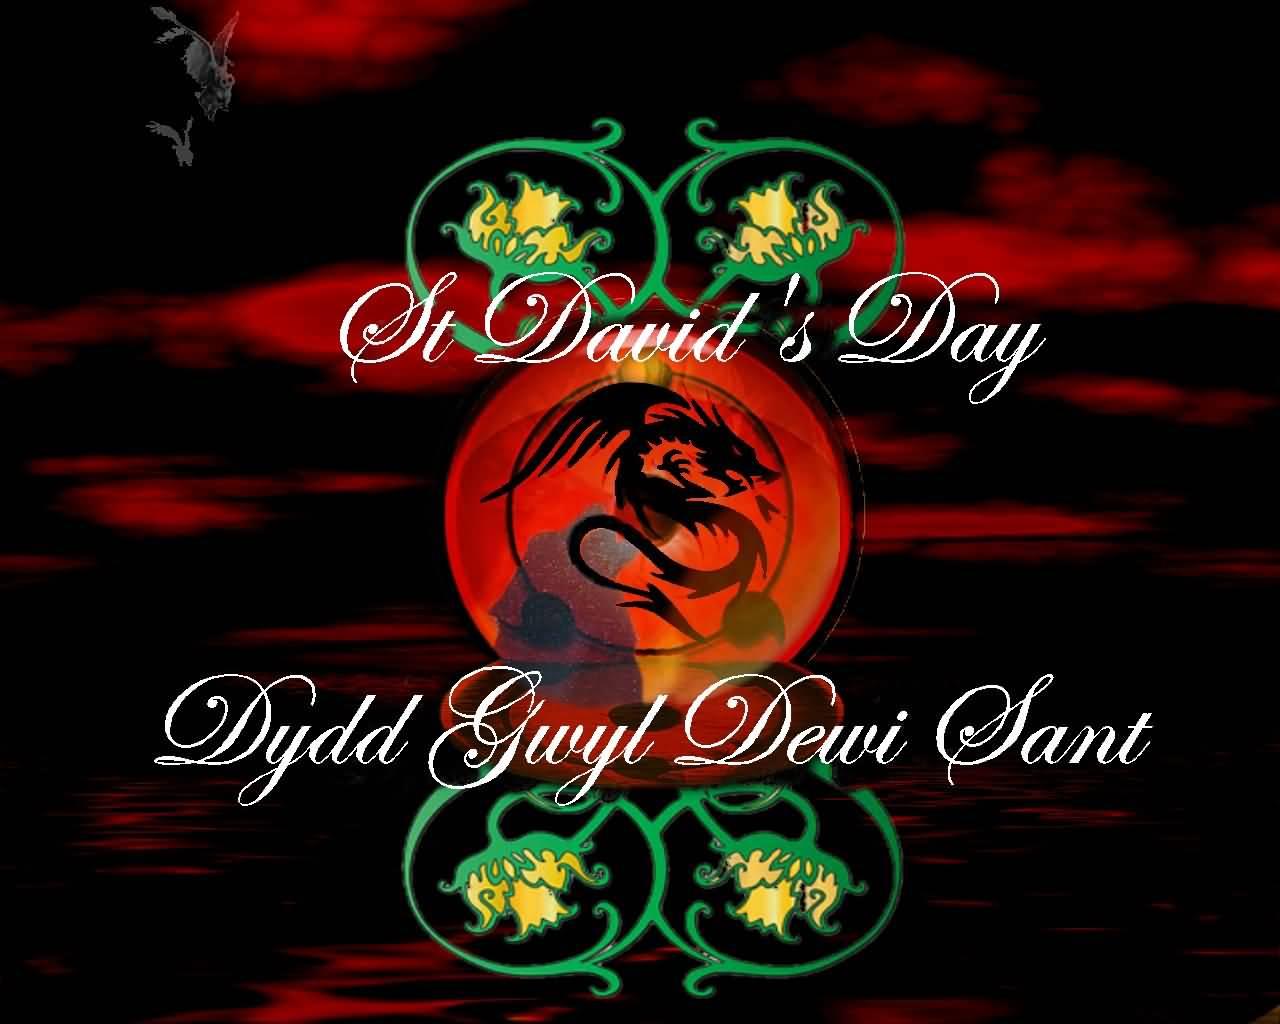 st davids day dydd gwyl dewi sant